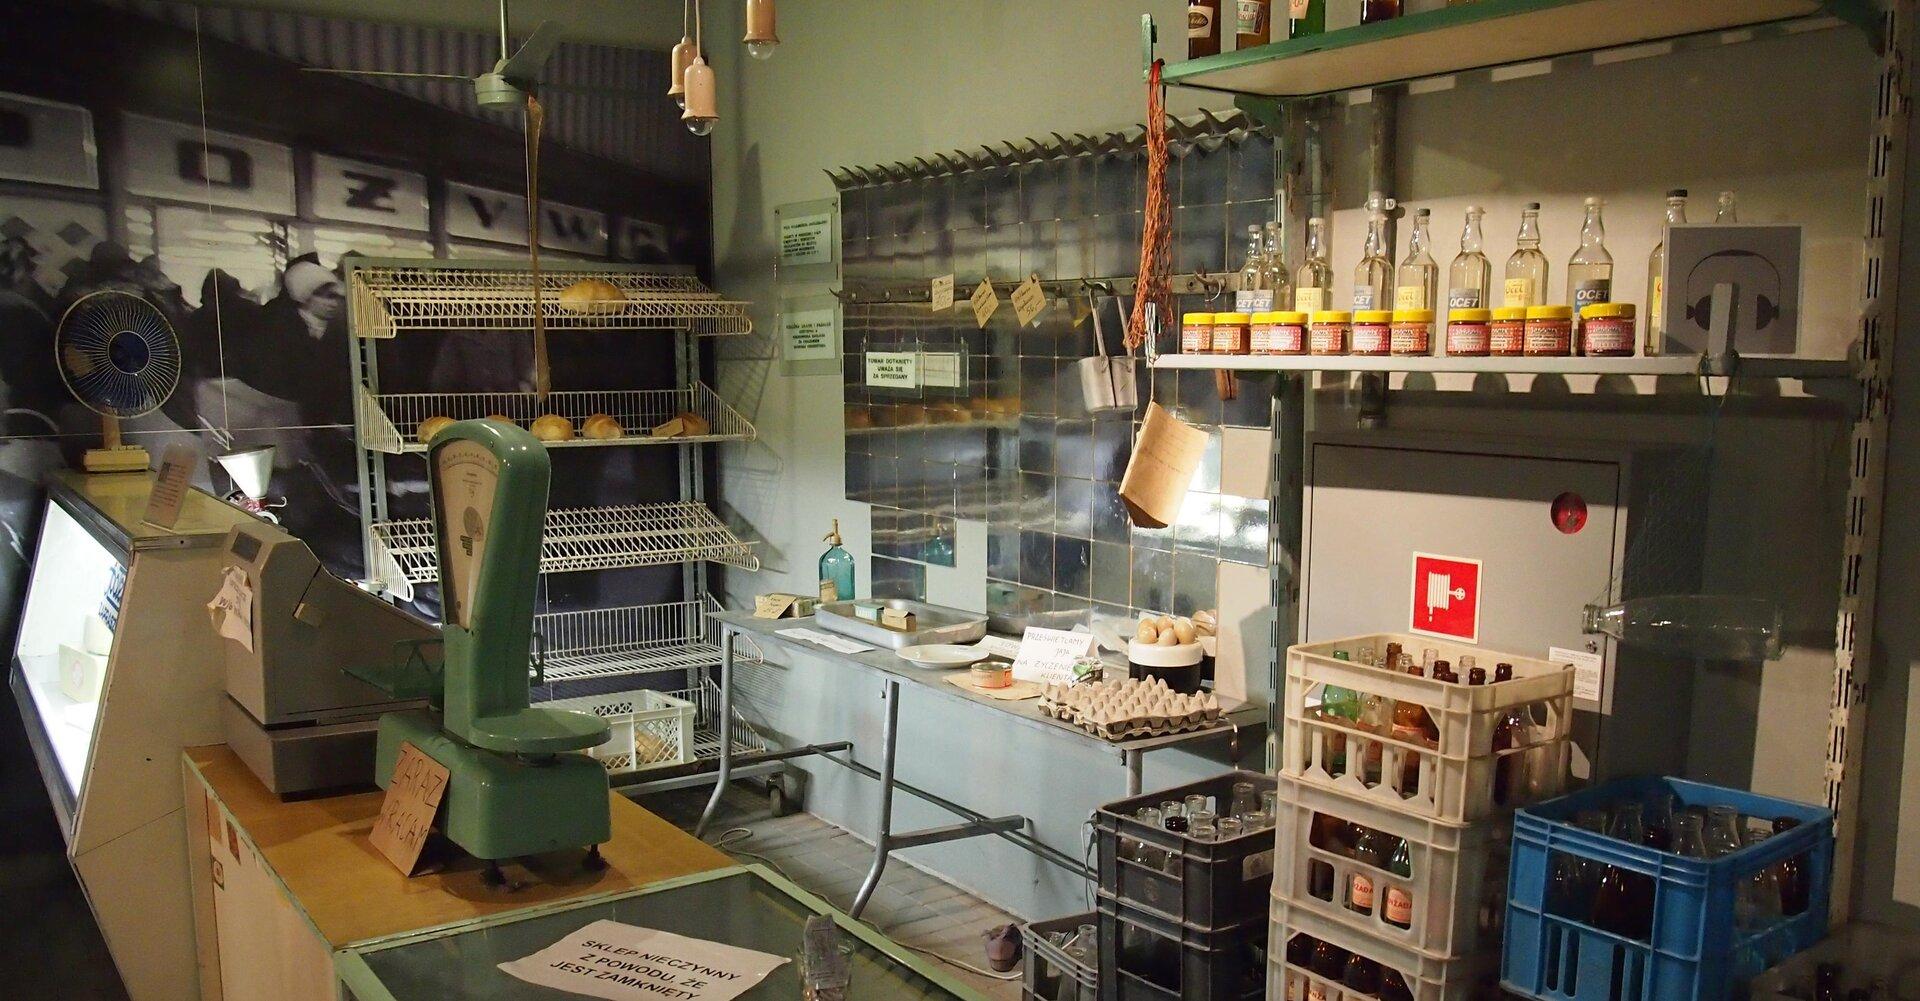 Fotografia barwna przedstawiająca wnętrze sklepu wczasach niedoboru ważnych produktów konsumpcyjnych. Puste półki, bardzo niewielka ilość chleba, jajek.